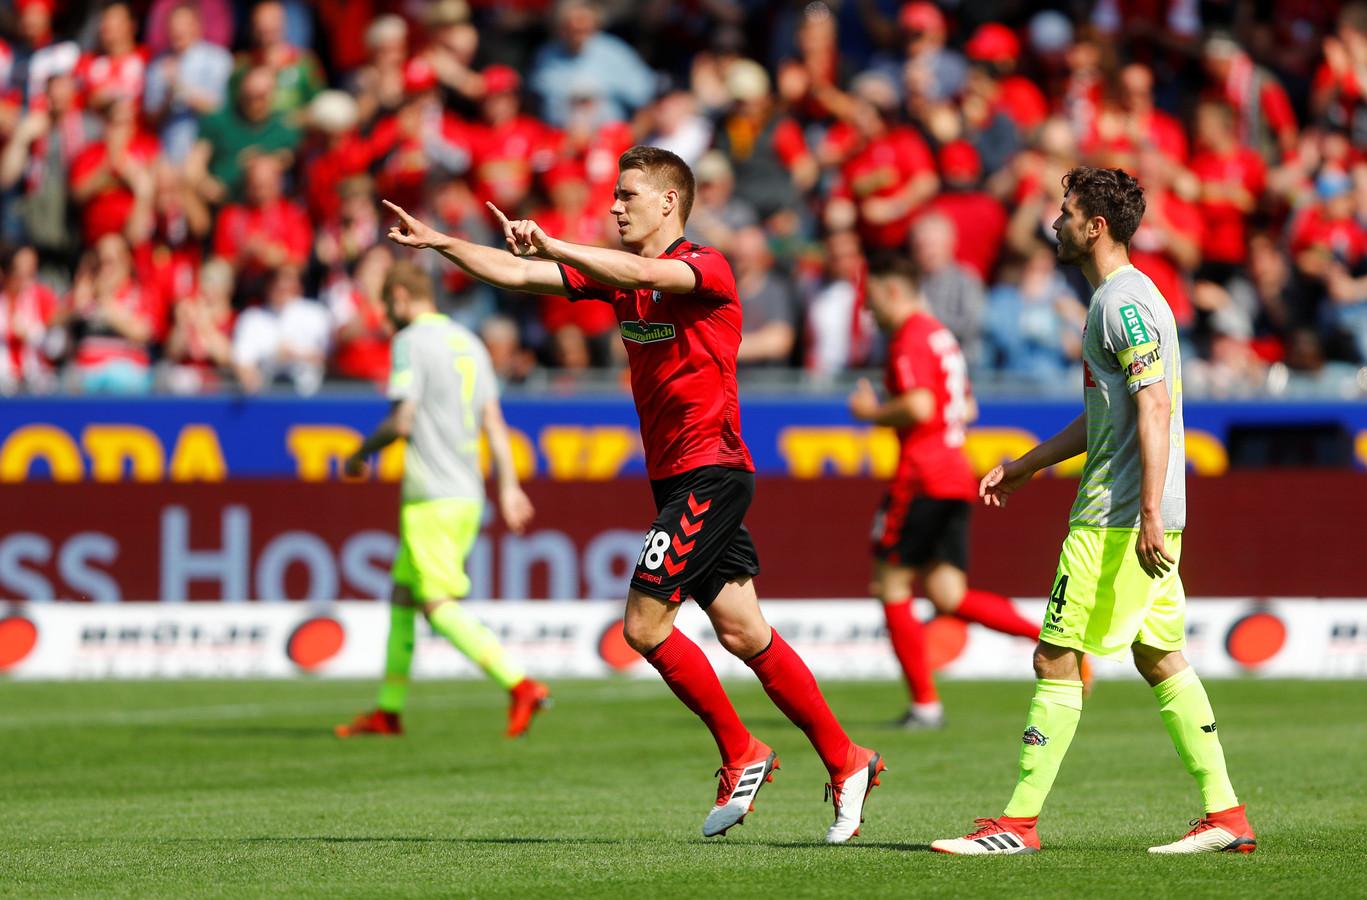 Freiburg-speler Nils Petersen viert zijn doelpunt tegen Köln.